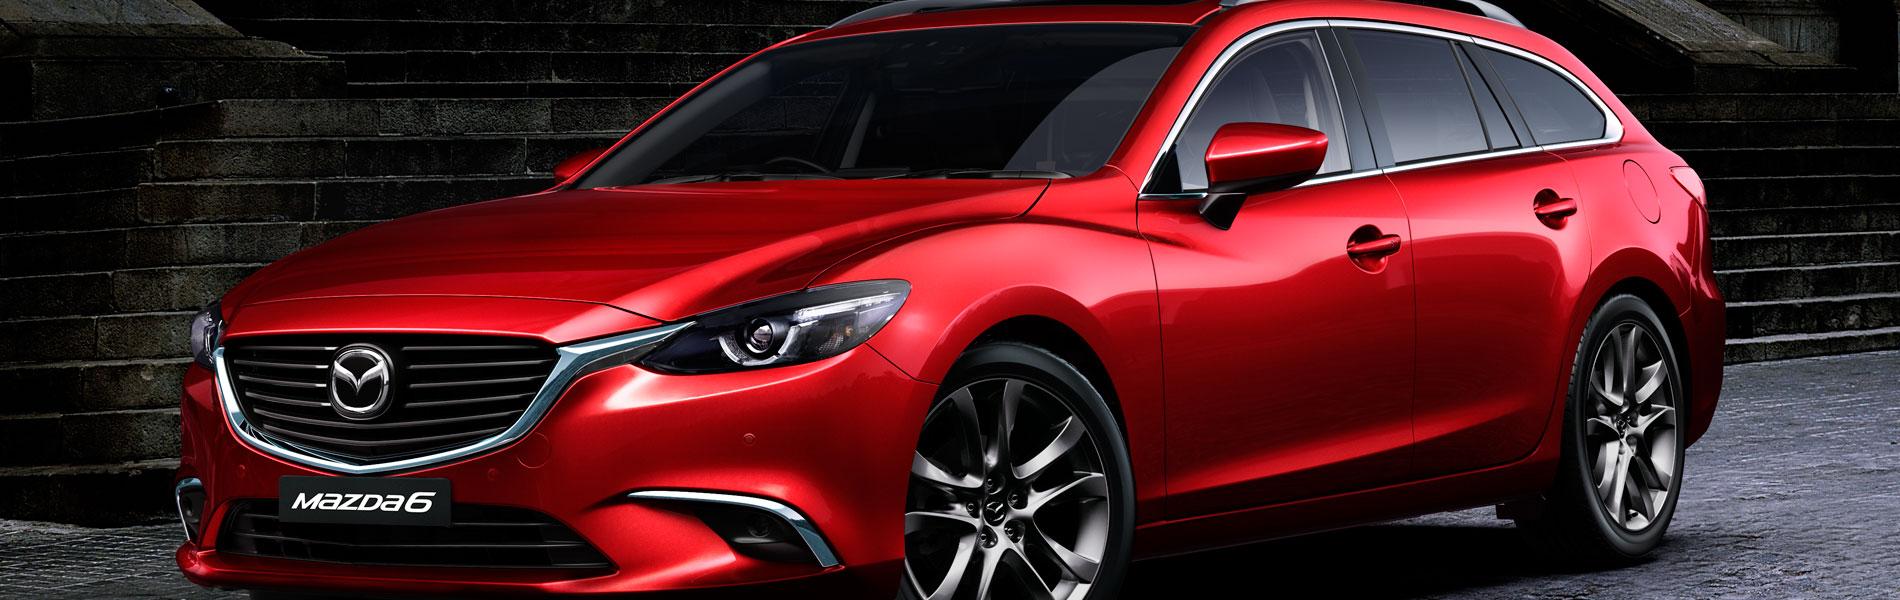 Mazda Mazda6 Image 5